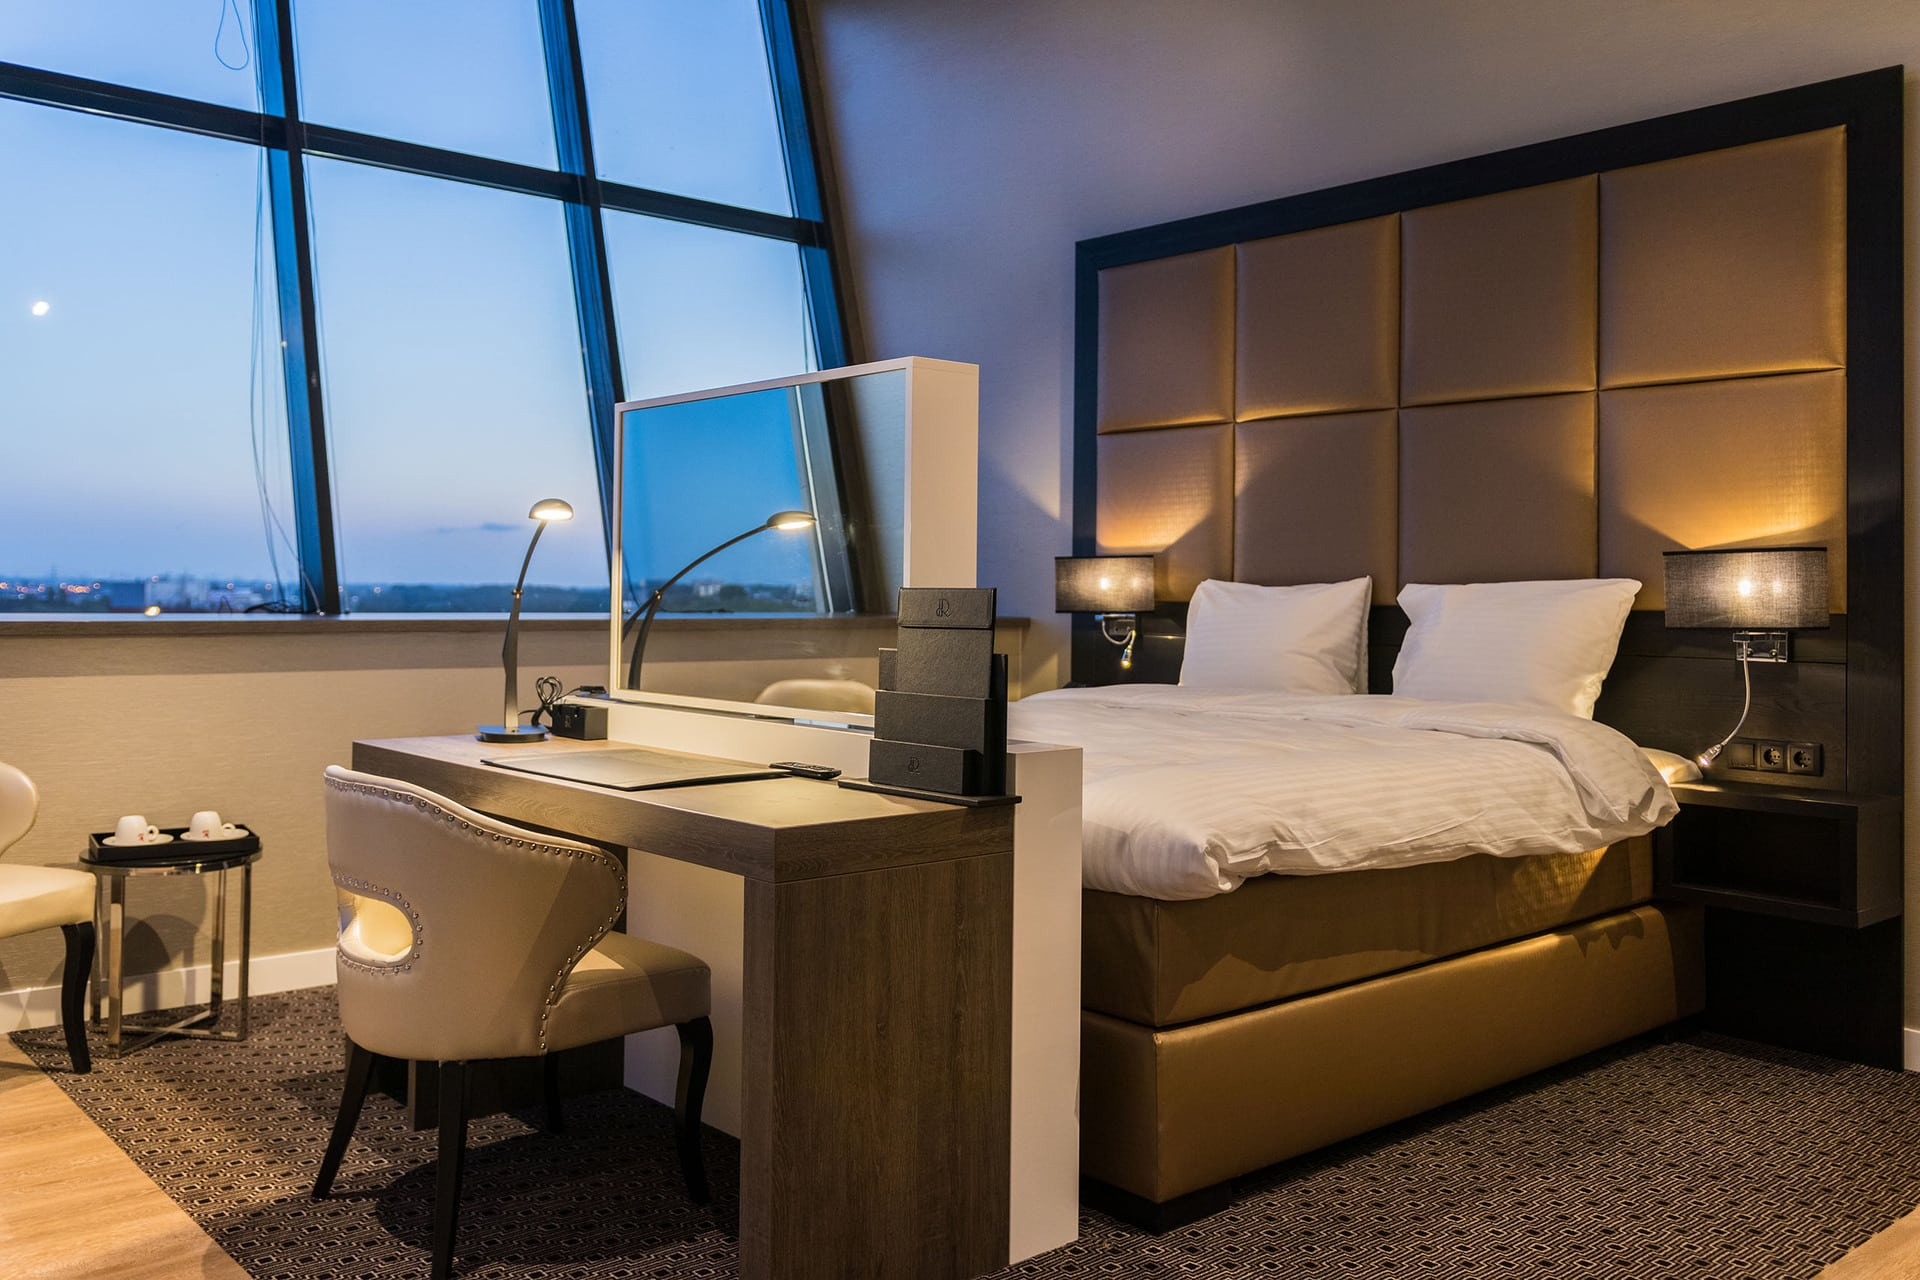 Luxe exclusieve sfeervolle hotelkamer maatwerk interieur luxe bedachterwand bed met tv lift details (2)